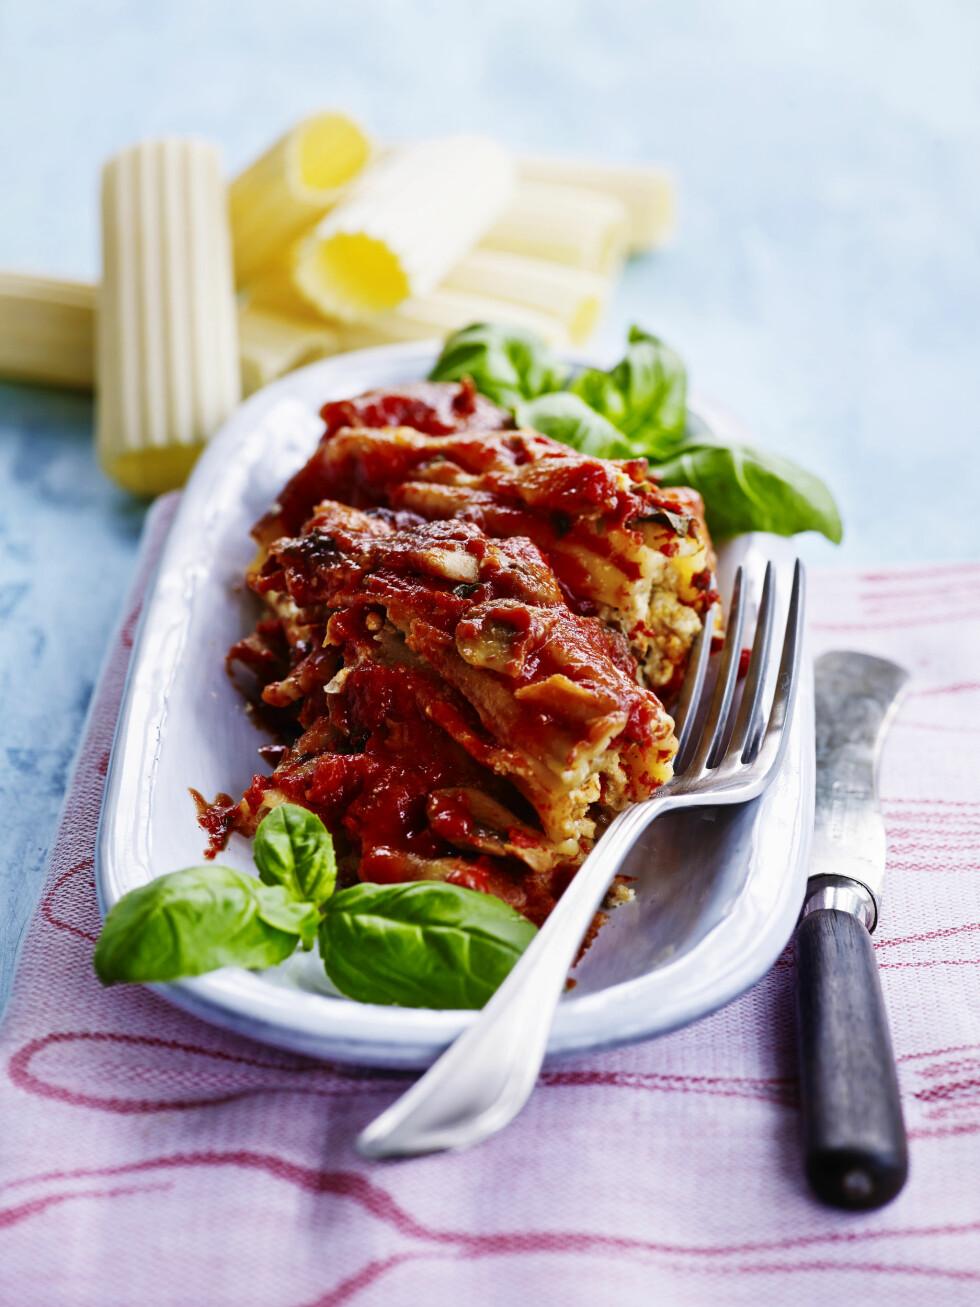 CANNELLONI: Cannelloni er en italiensk matrett som består av brede pastarør fylt med kjøtt, ost eller grønnsaker. Foto: All Over Press